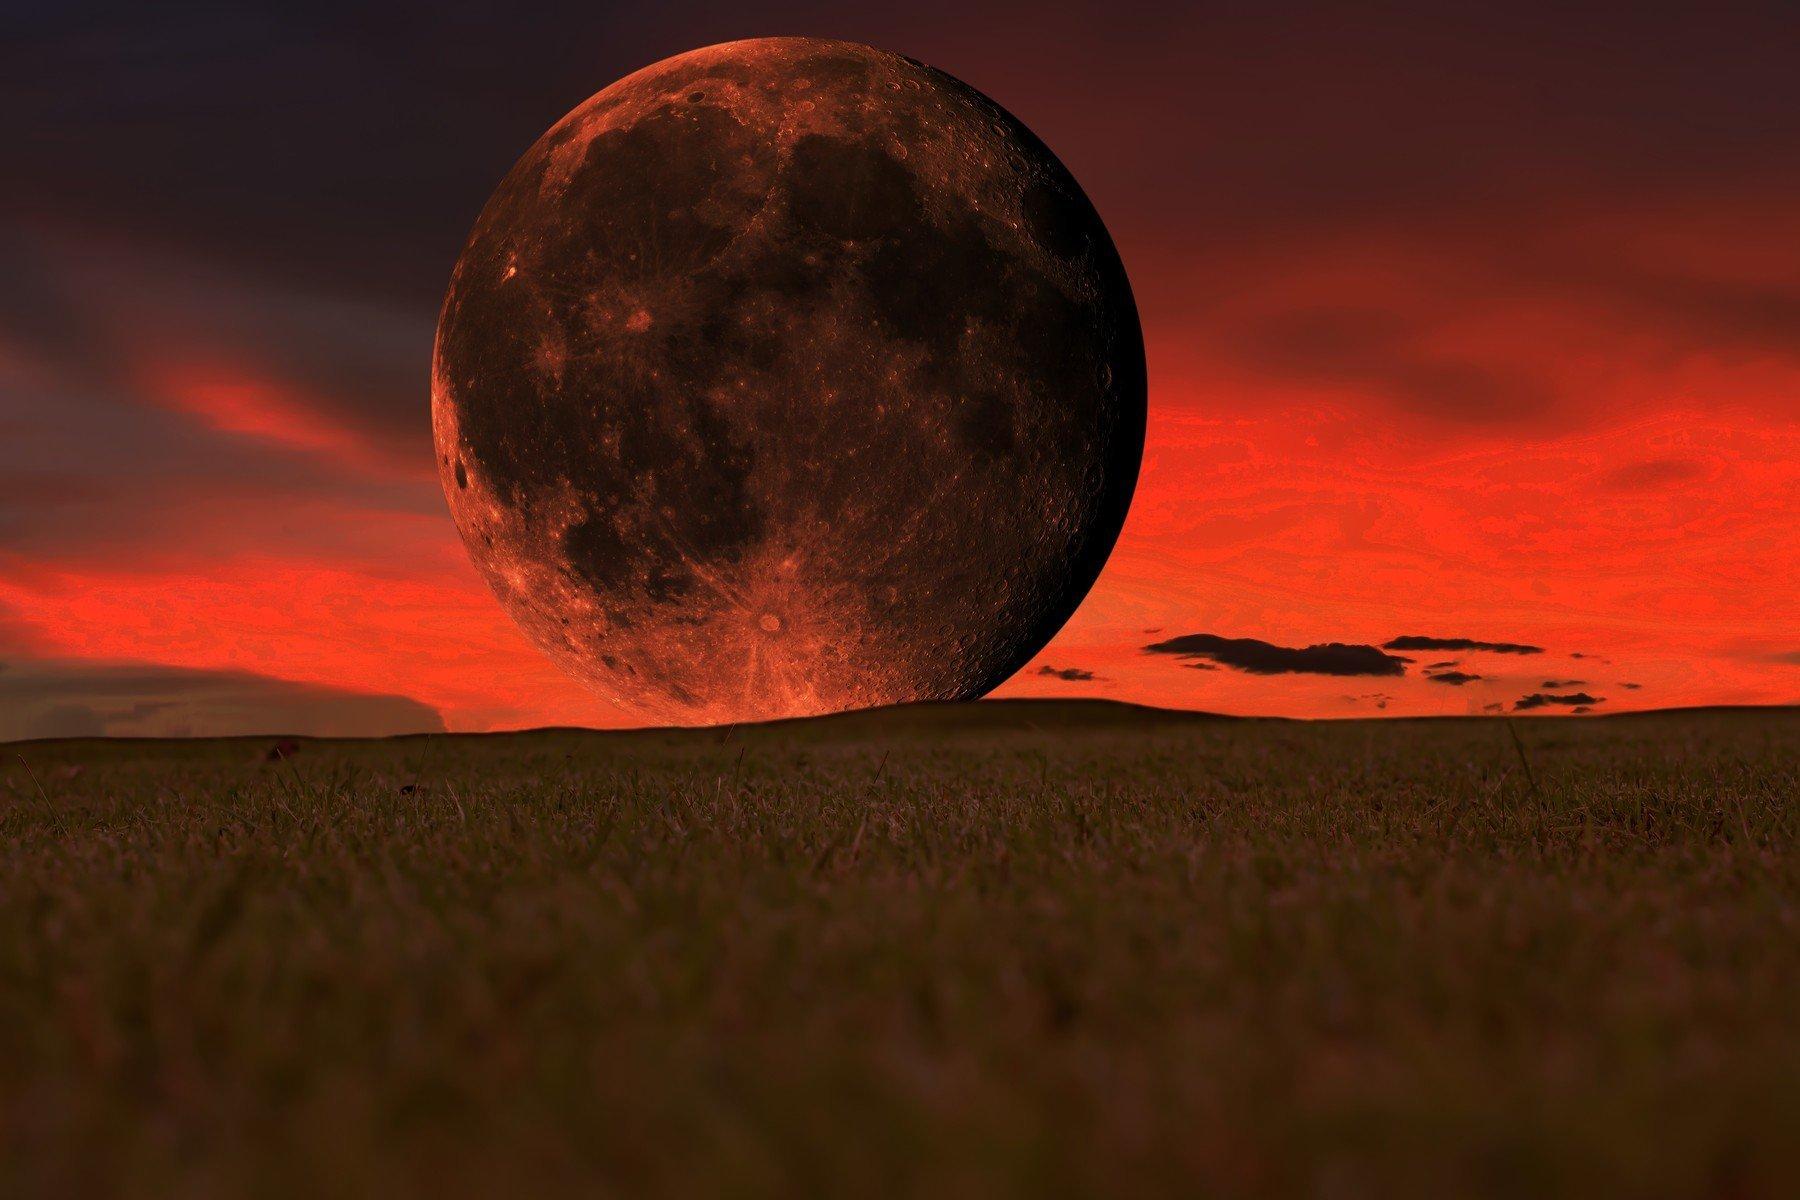 Nepropásněte dnes v noci zatmění Měsíce! Letos poprvé a naposledy